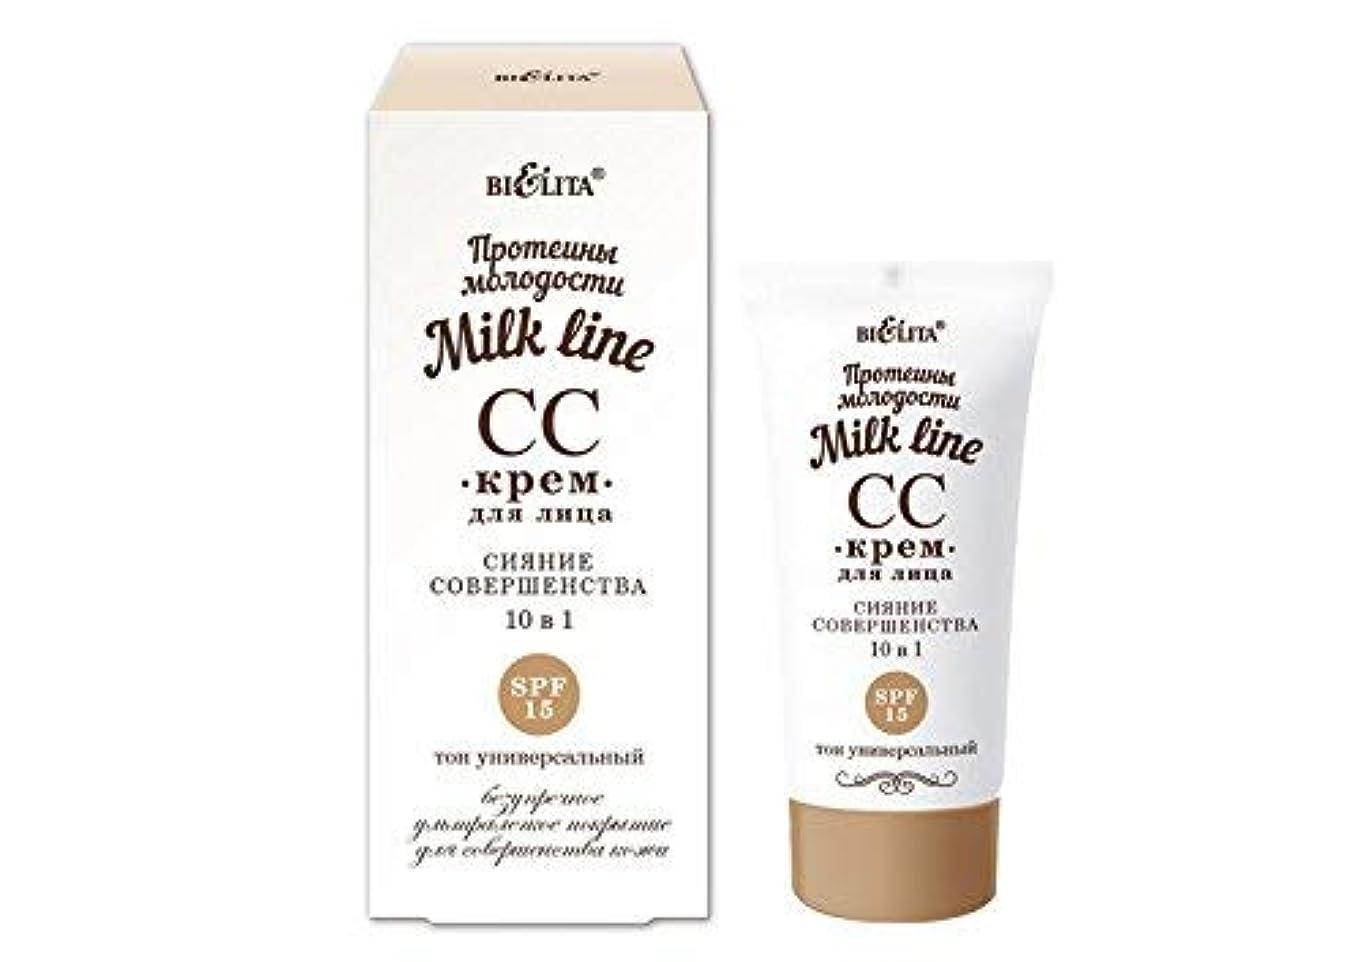 おしゃれな見ました人差し指CC Cream,based on goat's milk Total Effects Tone Correcting Moisturizer with Sunscreen, Light to Medium 10 effects in 1 tube of SPF 15